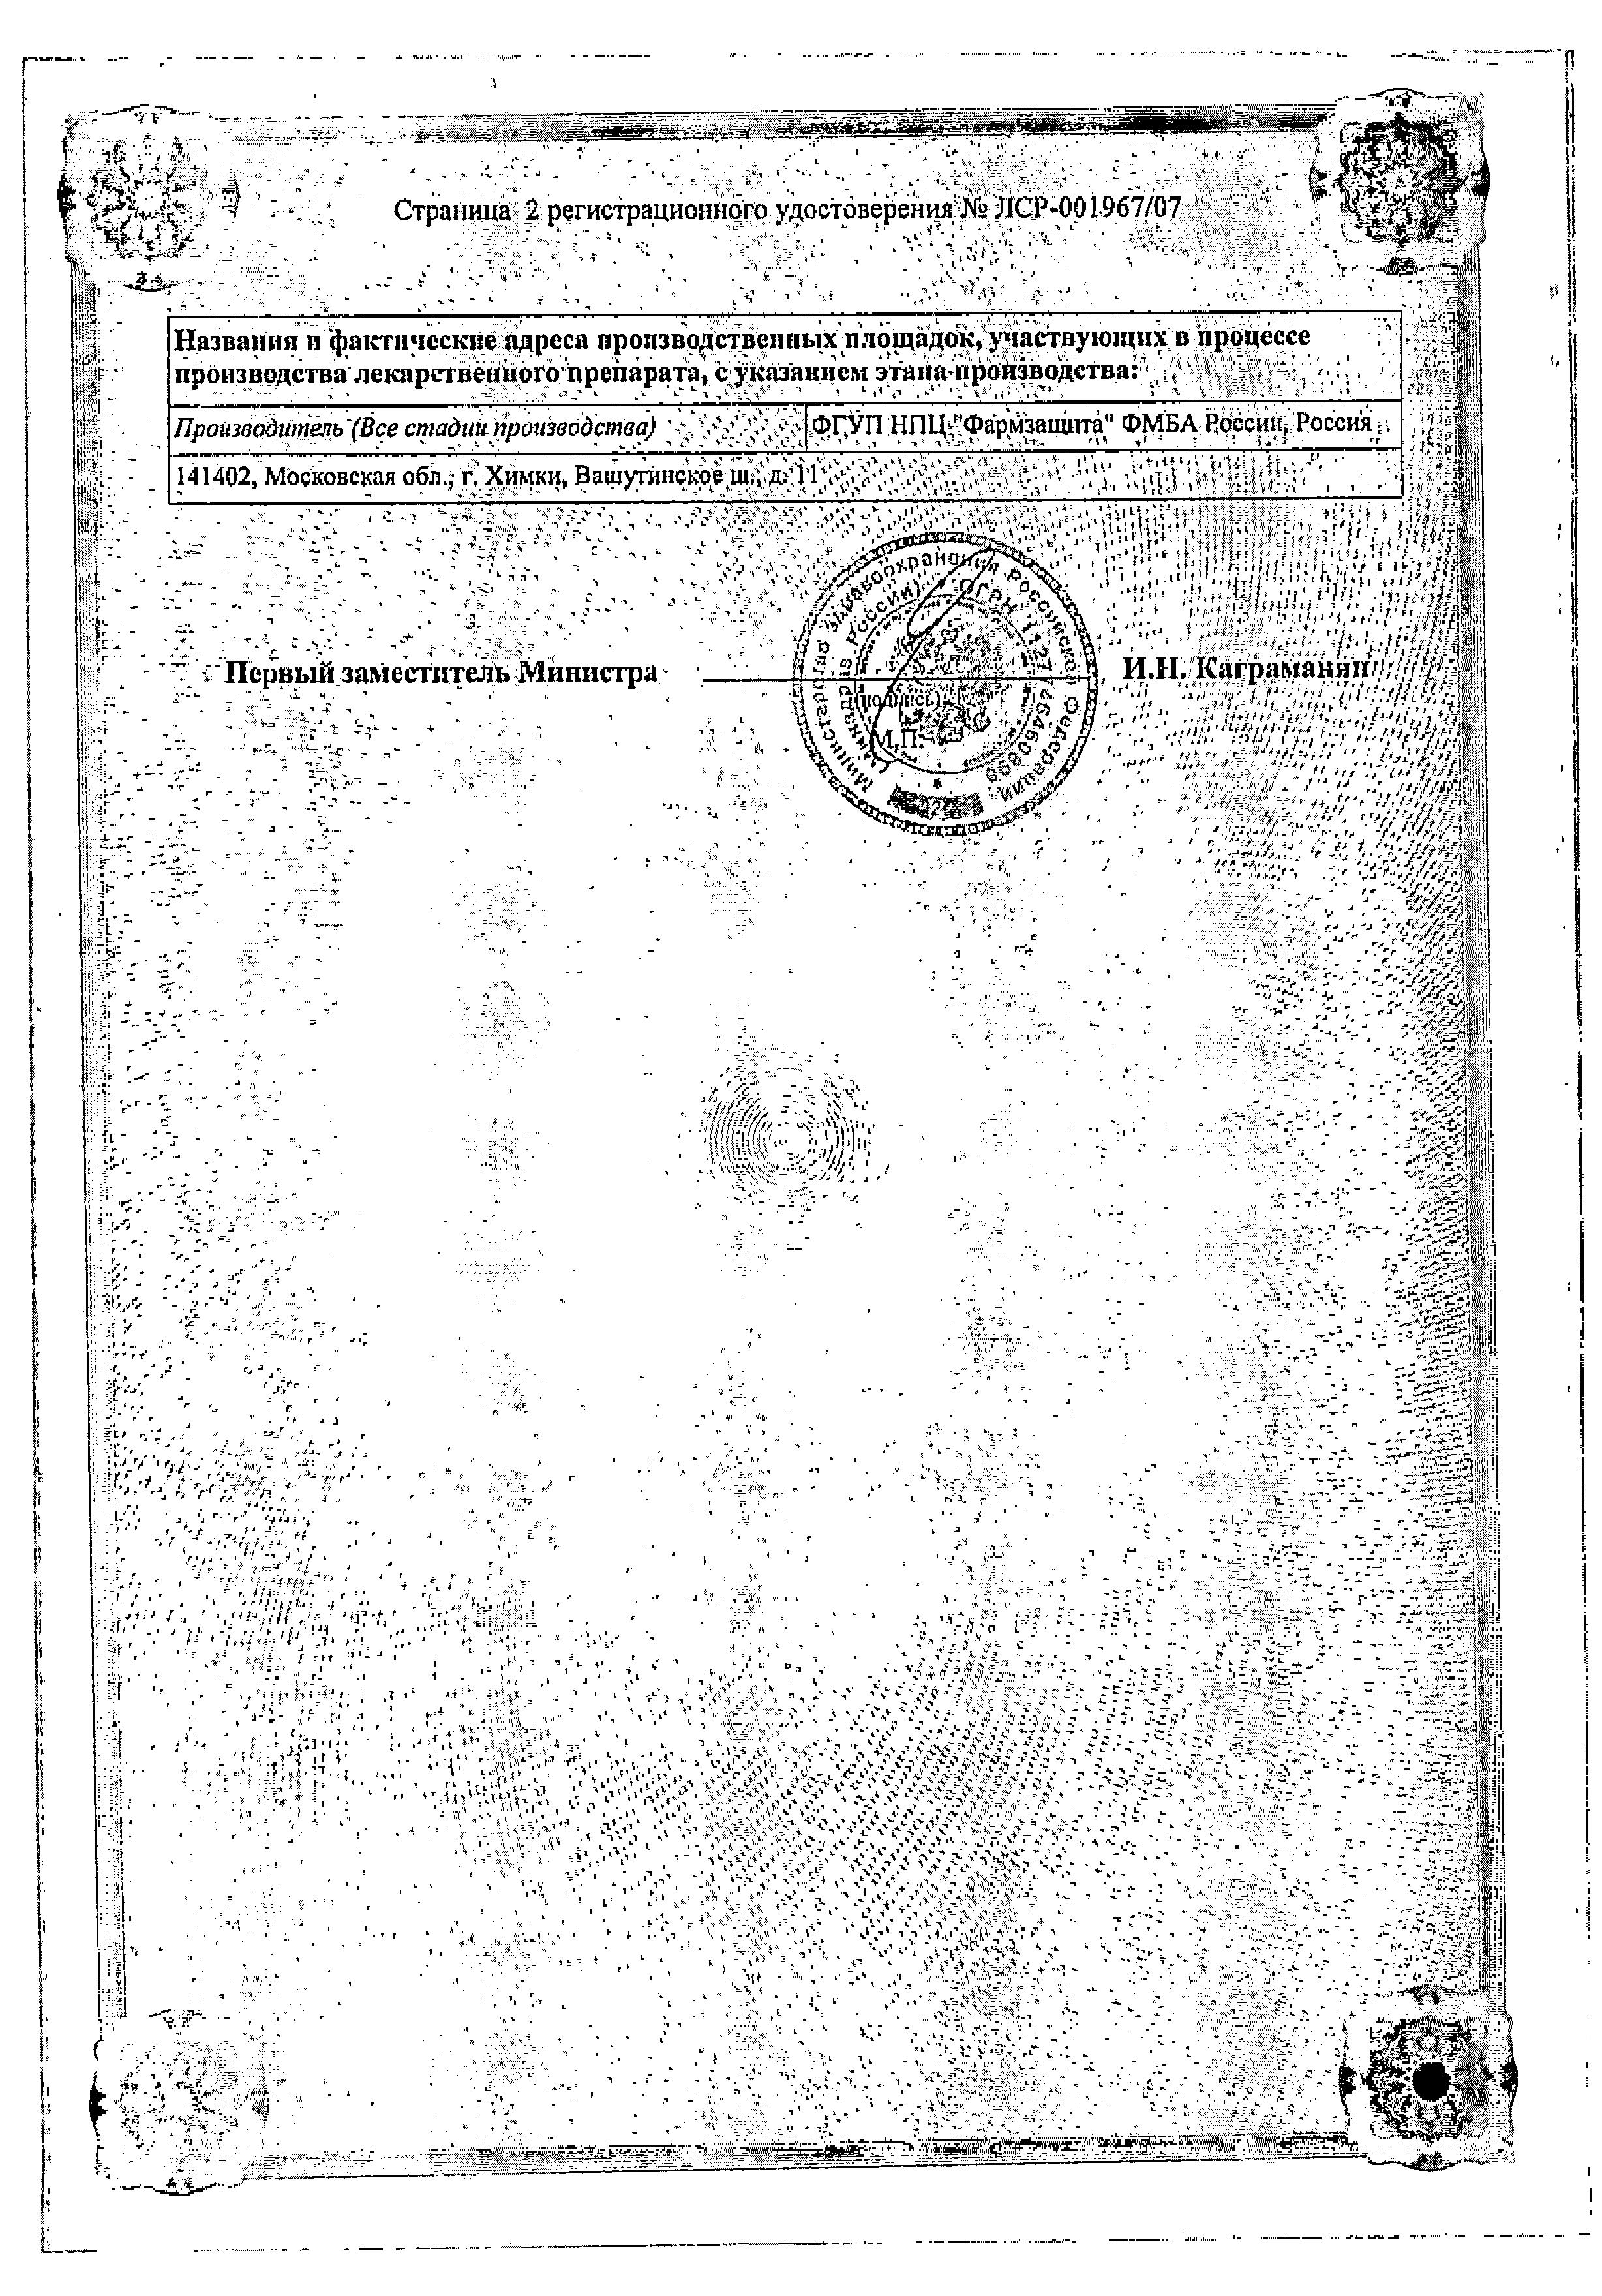 Мексифин сертификат